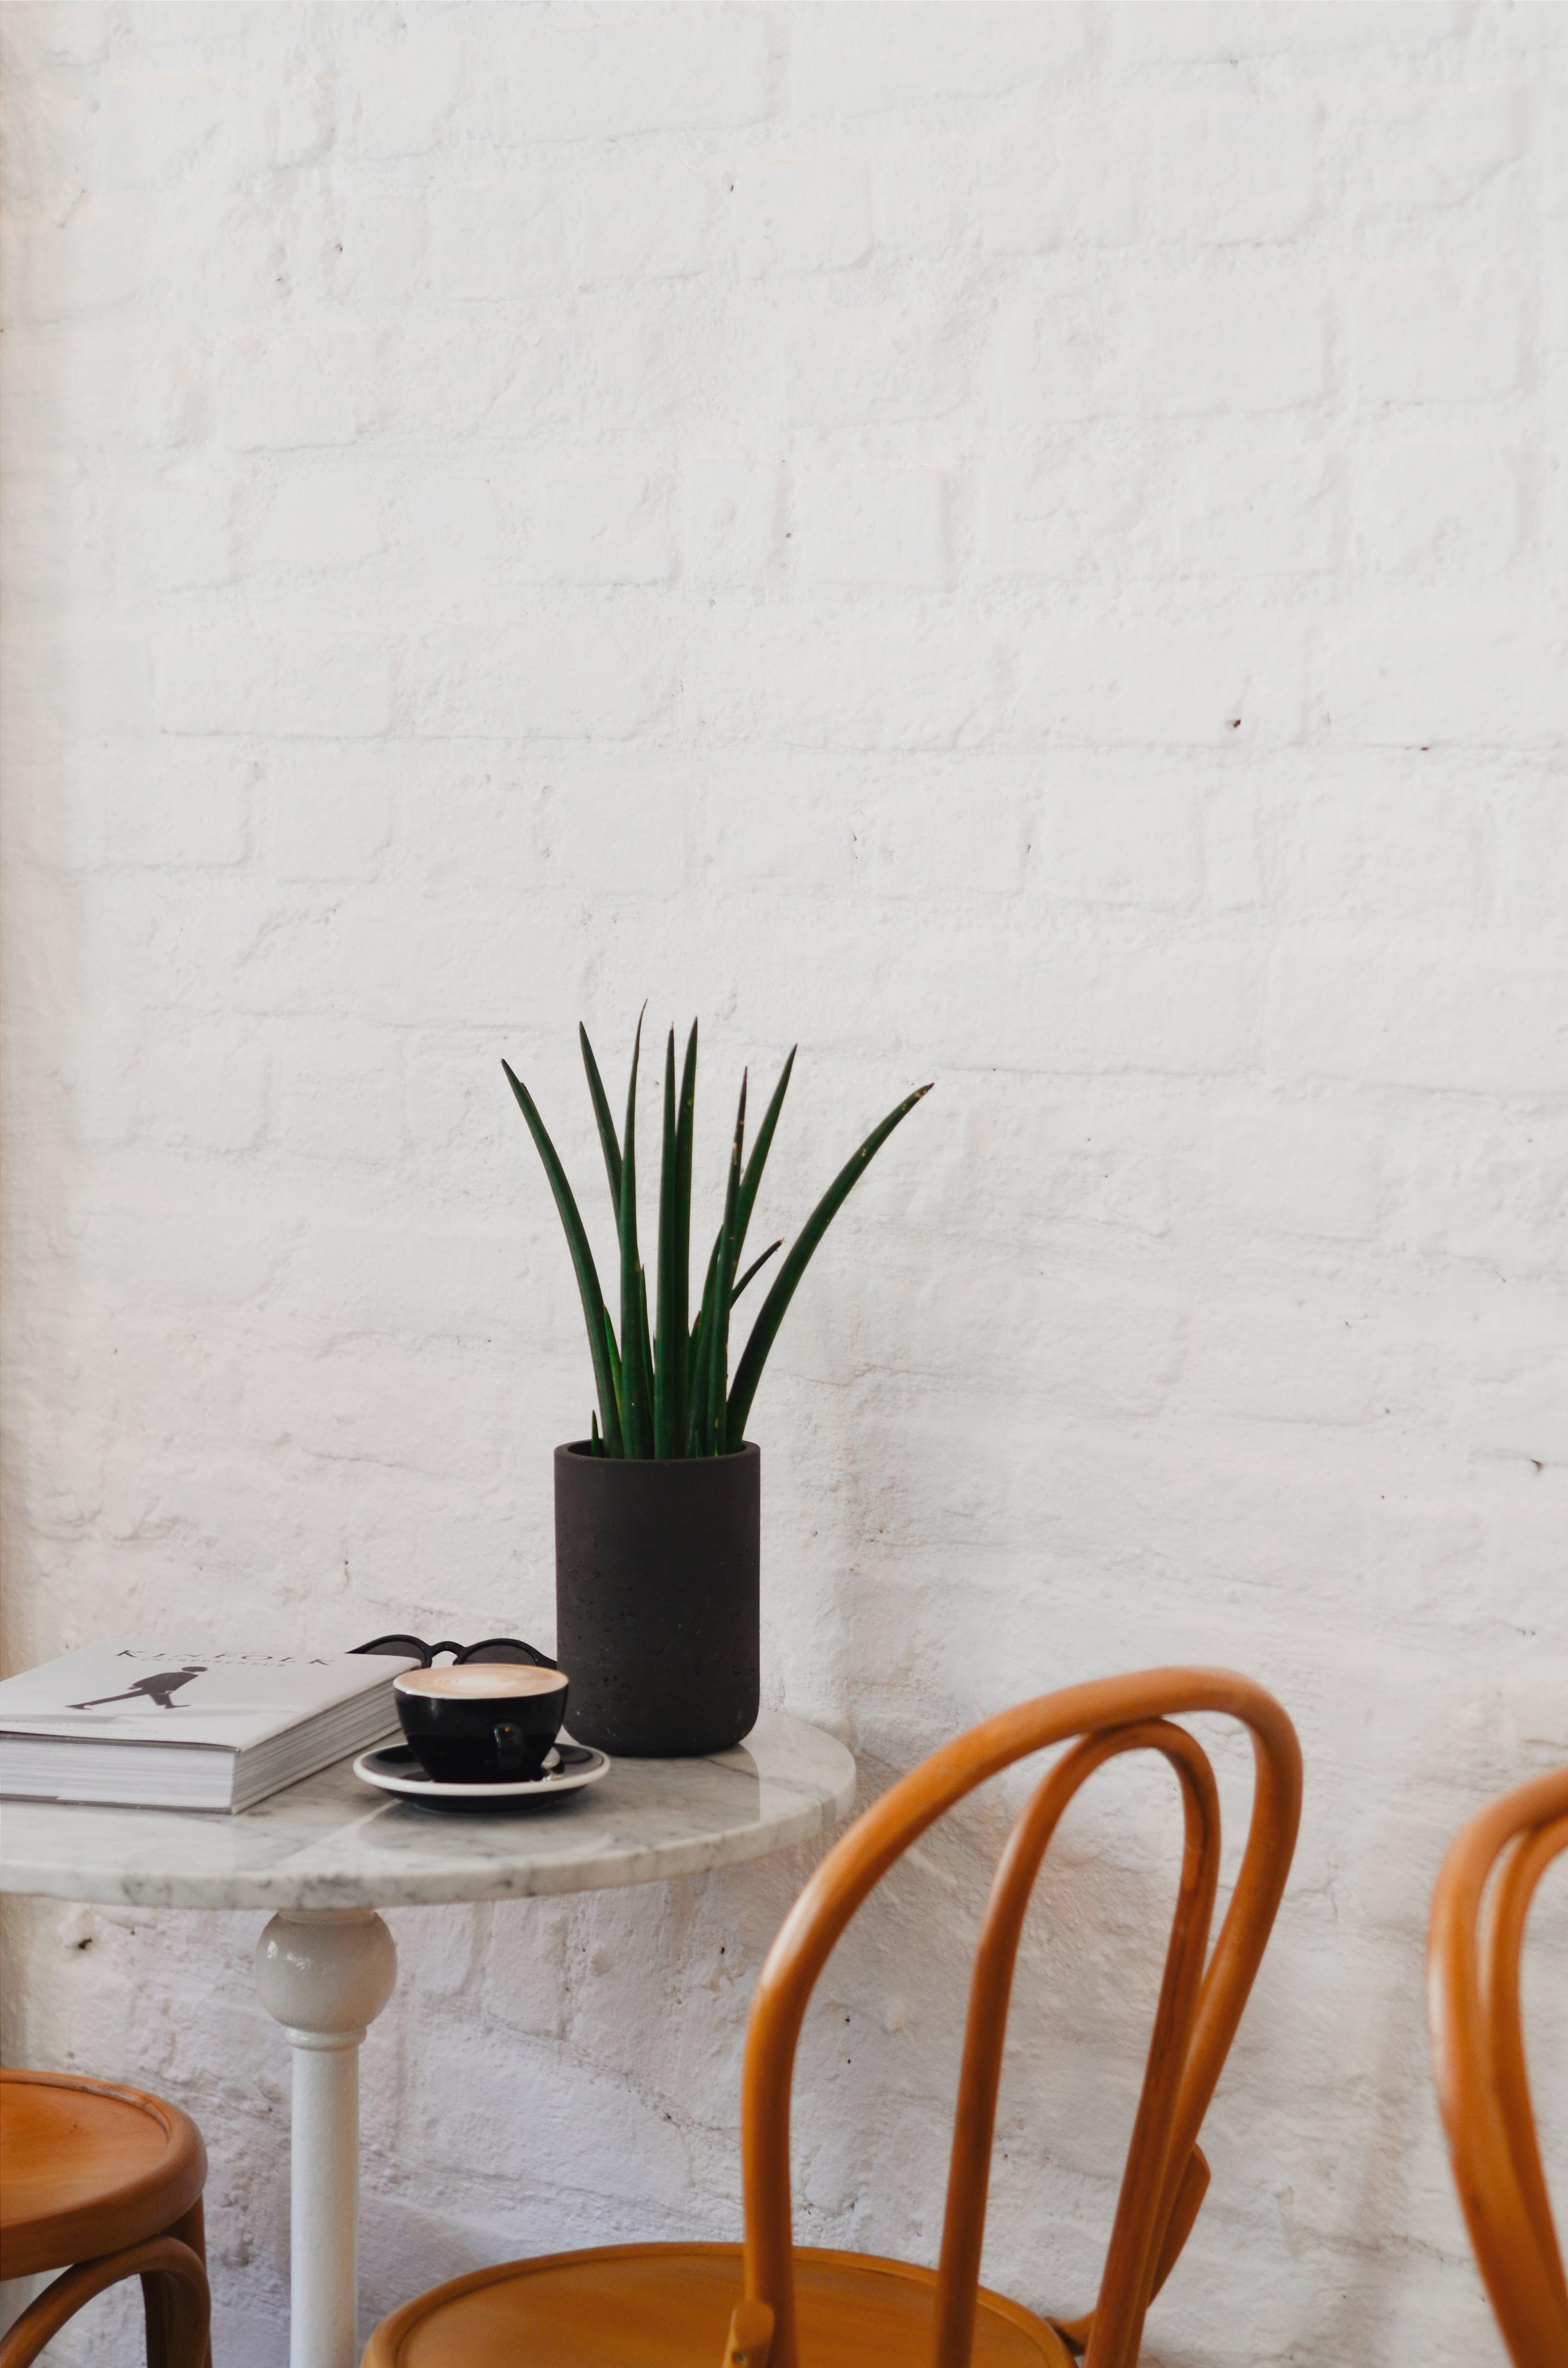 咖啡店, 室內, 牆壁, 表格 的 免费素材照片